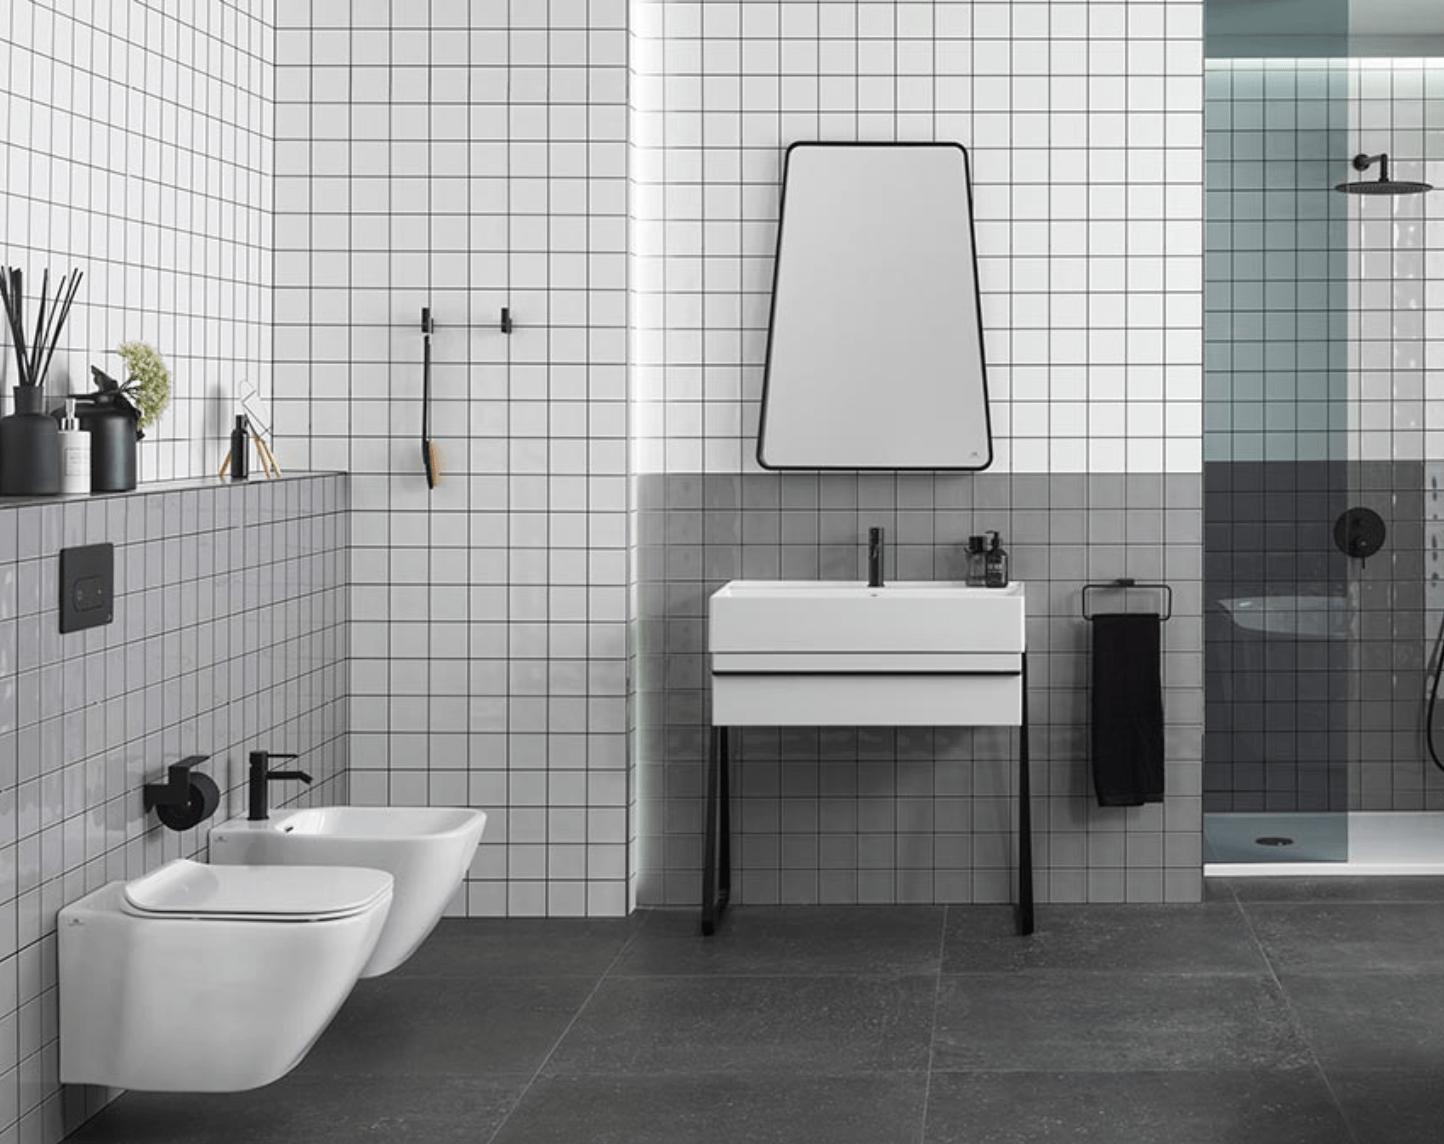 Amenagement Petite Salle De Bain Wc mes idées pour aménager une petite salle de bain | madame décore